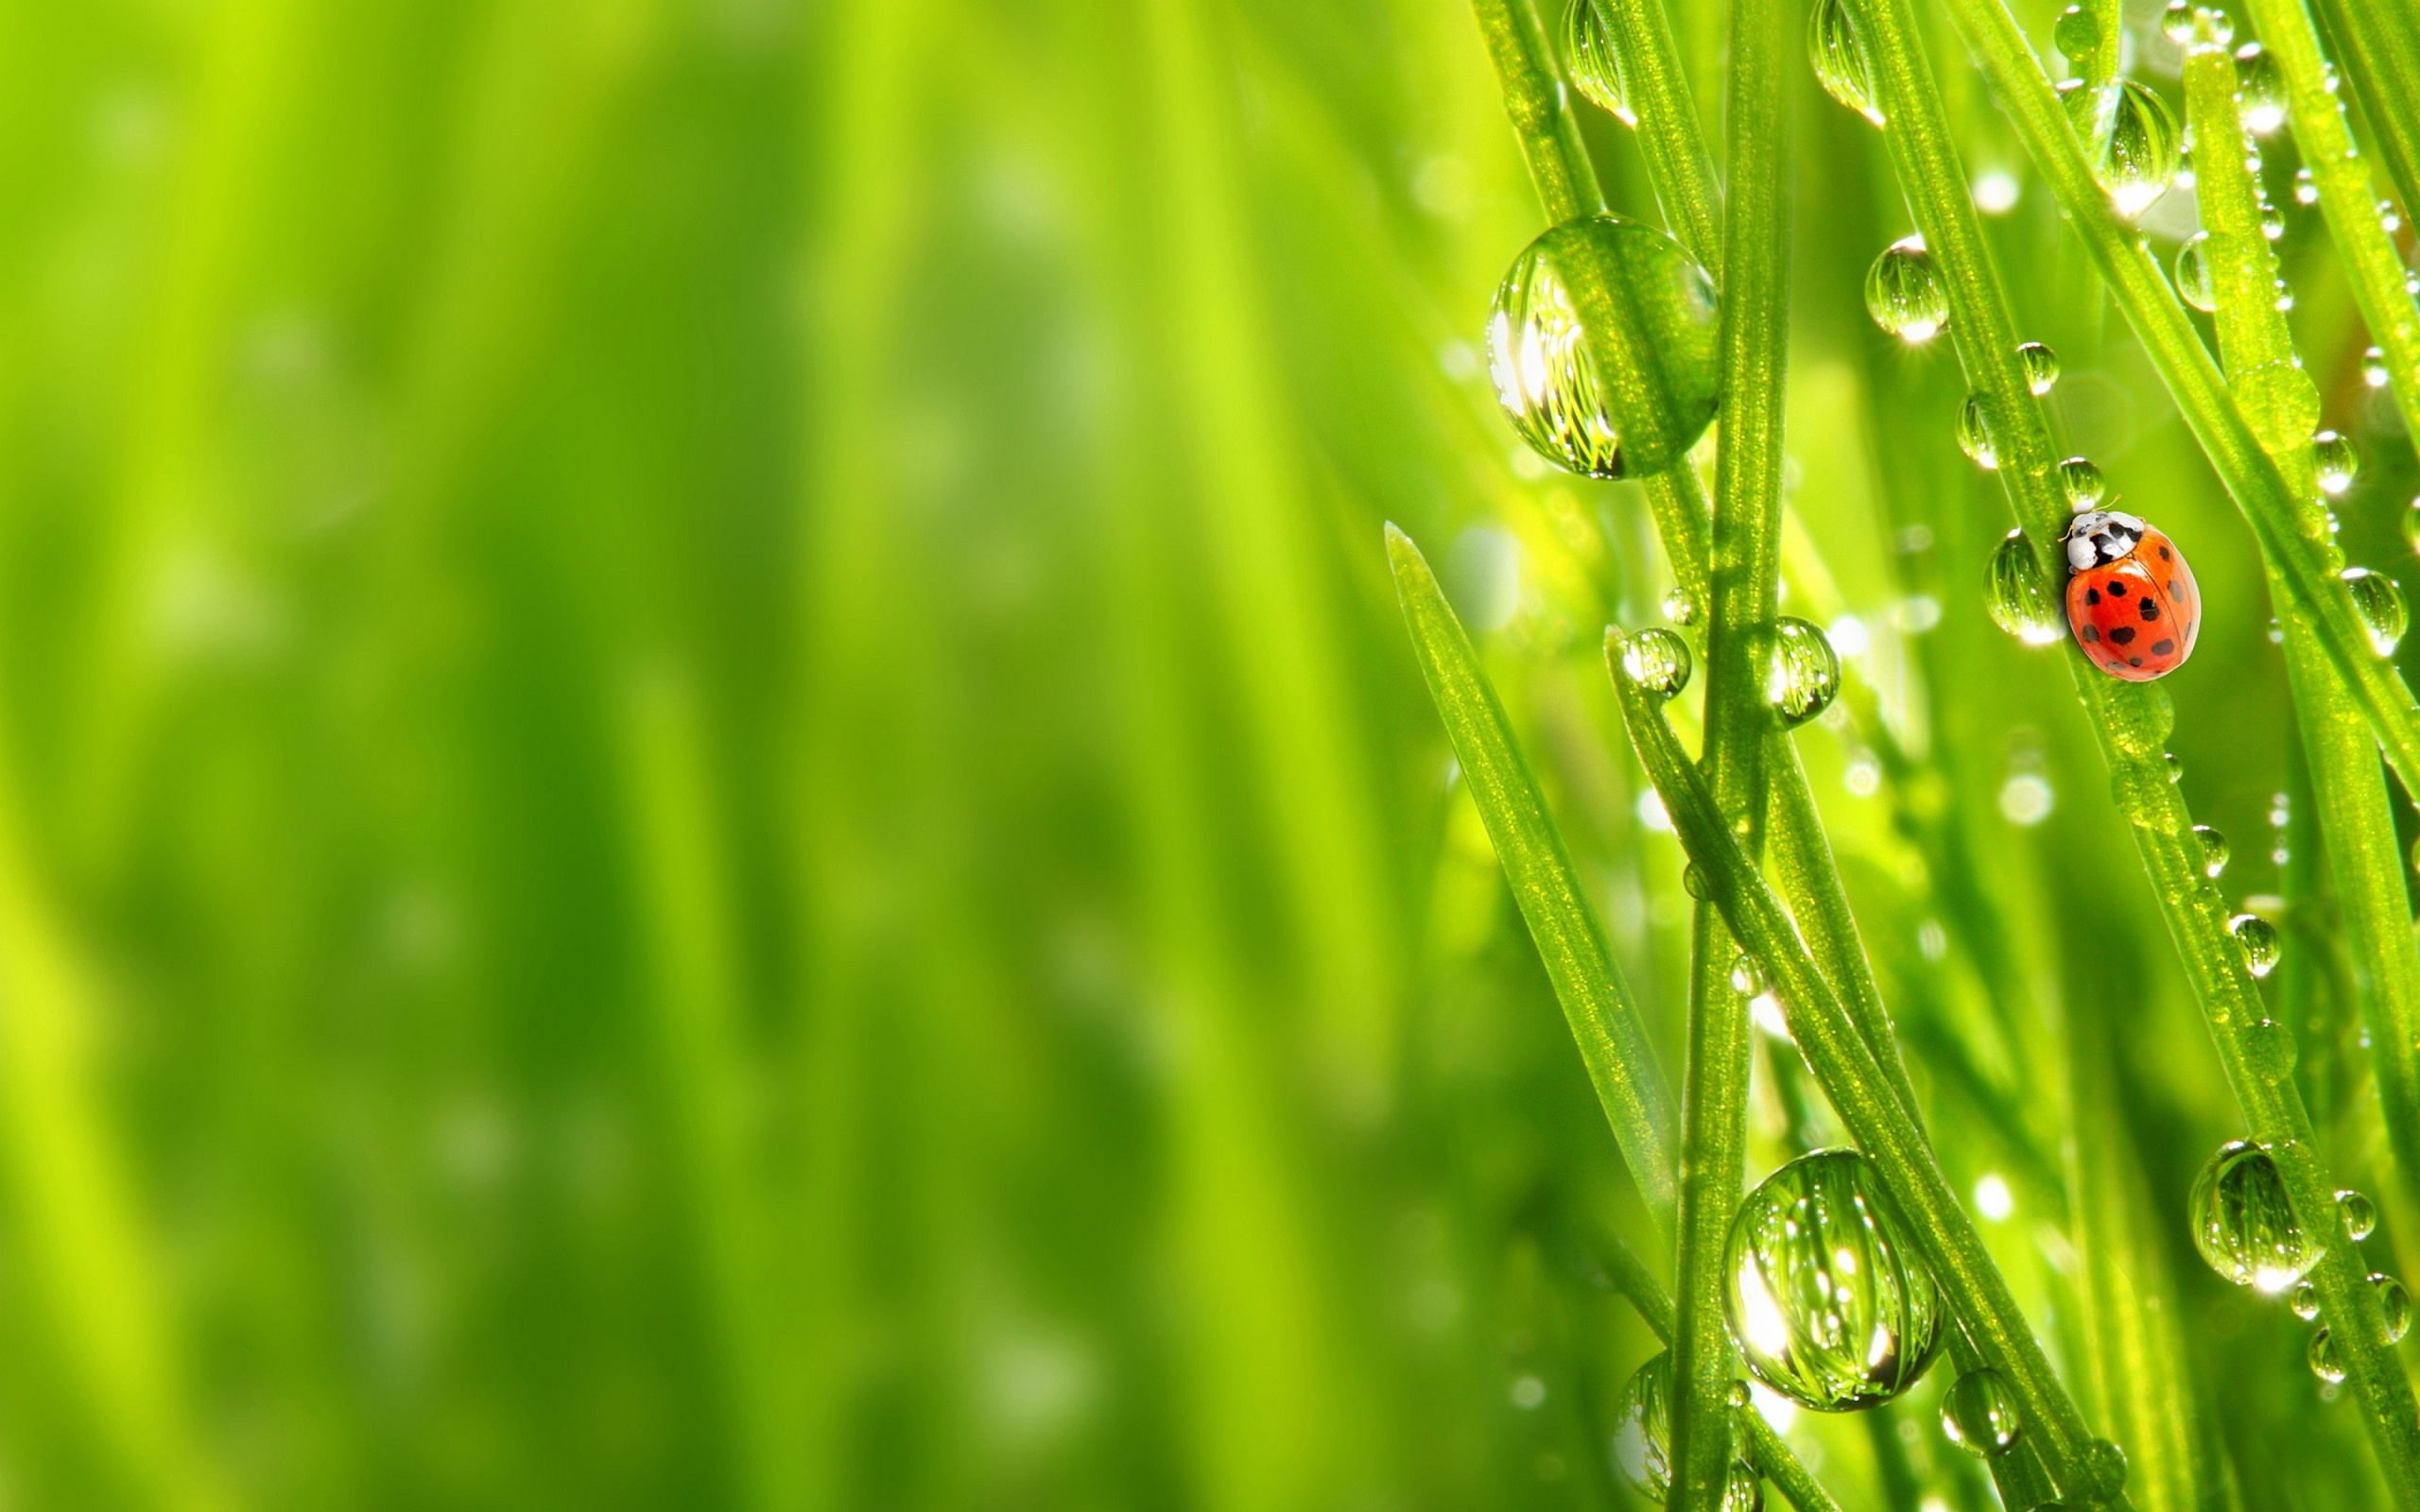 Grass Wallpaper